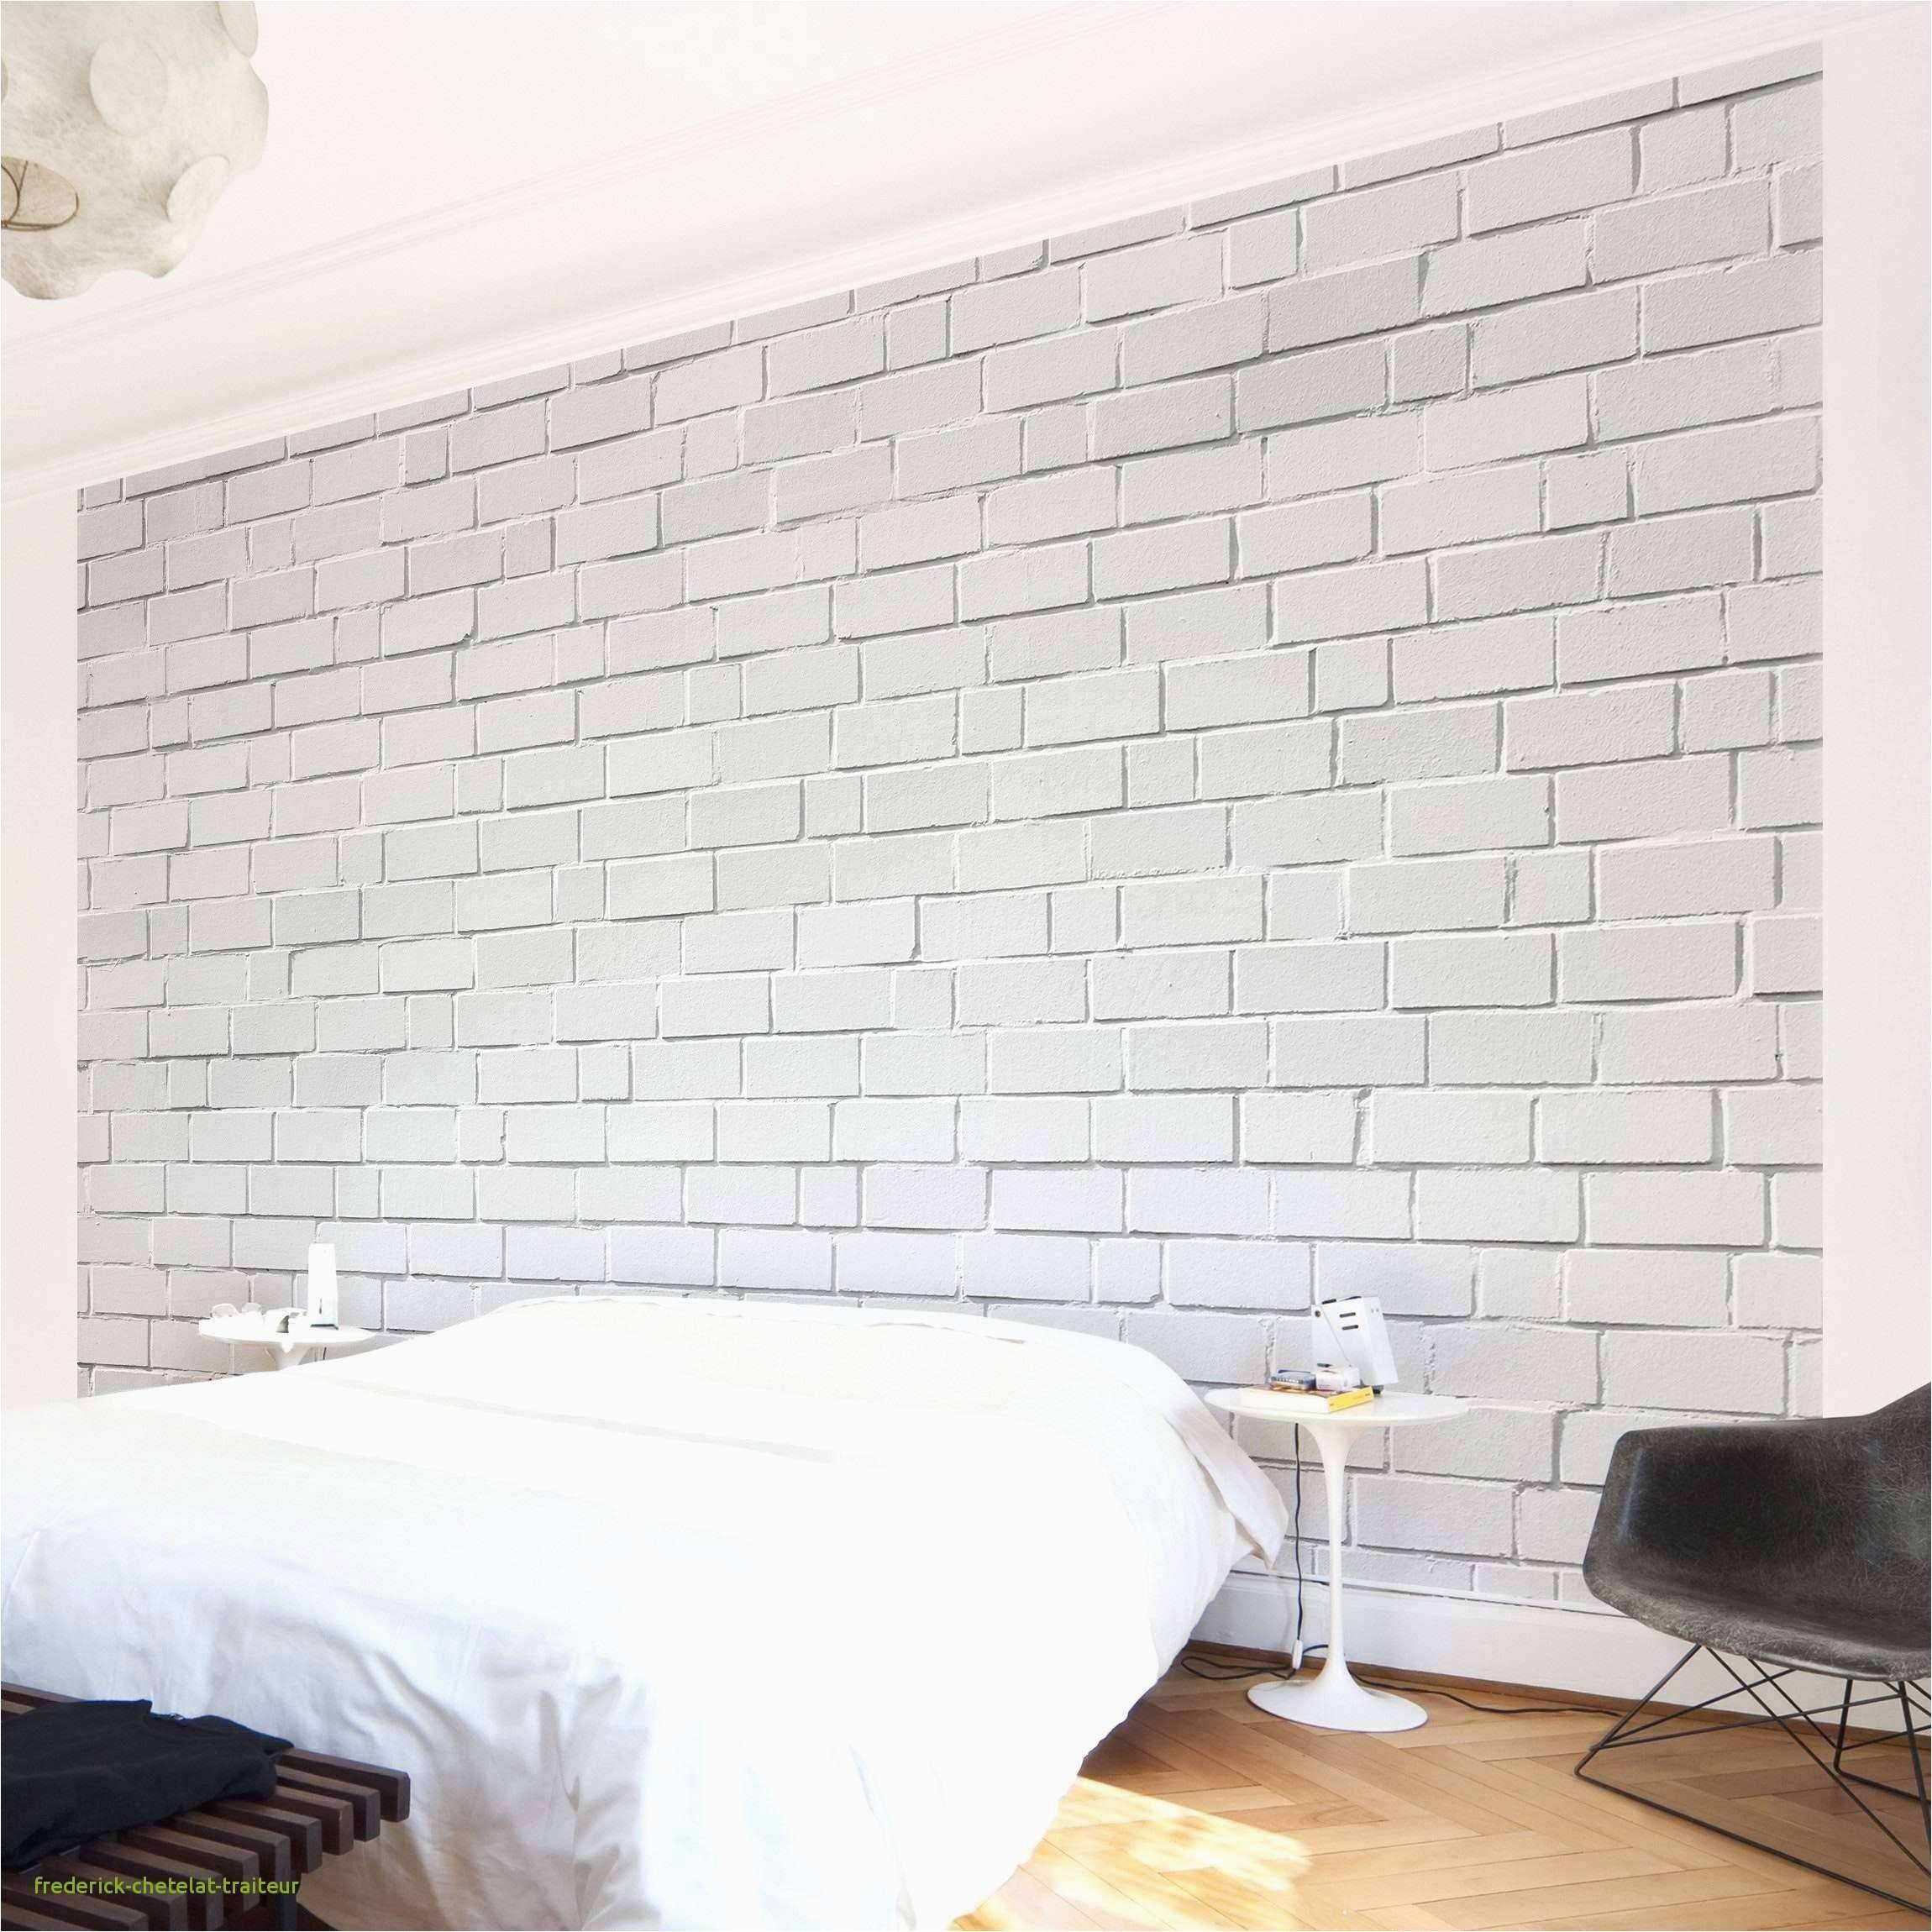 moderne tapeten fur wohnzimmer schon 40 das beste von tapeten fur wohnzimmer ideen inspirierend of moderne tapeten fur wohnzimmer